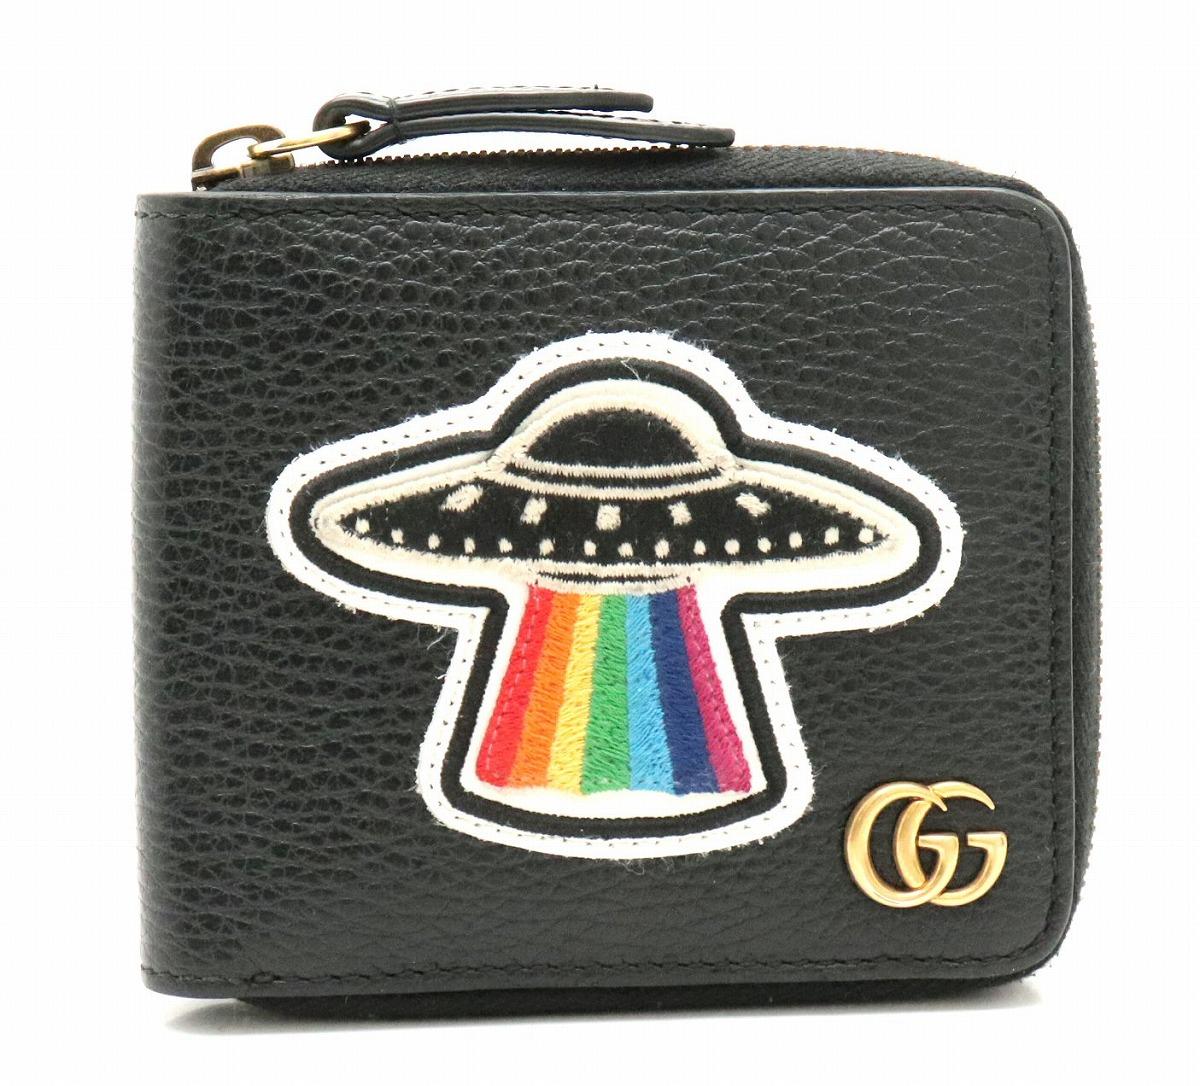 675b9626f9d5 【財布】GUCCI グッチ GGマーモント マーモント UFO ドラゴン パッチワーク 2つ折財布 ラウンド